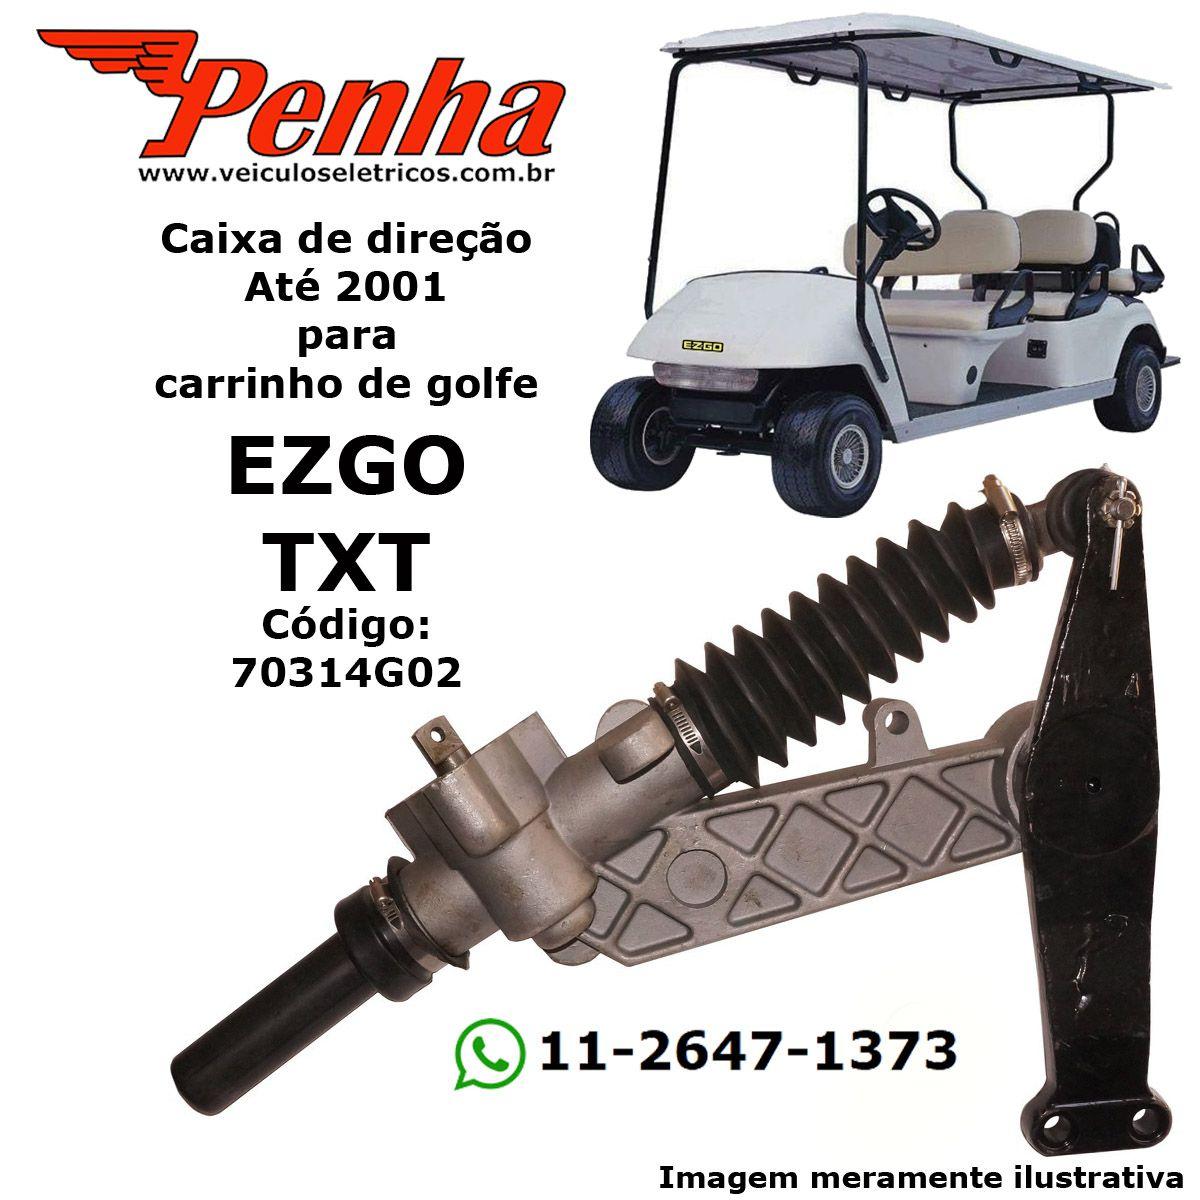 Caixa de Direção para Carrinho de Golfe EZ-GO TXT até 2000